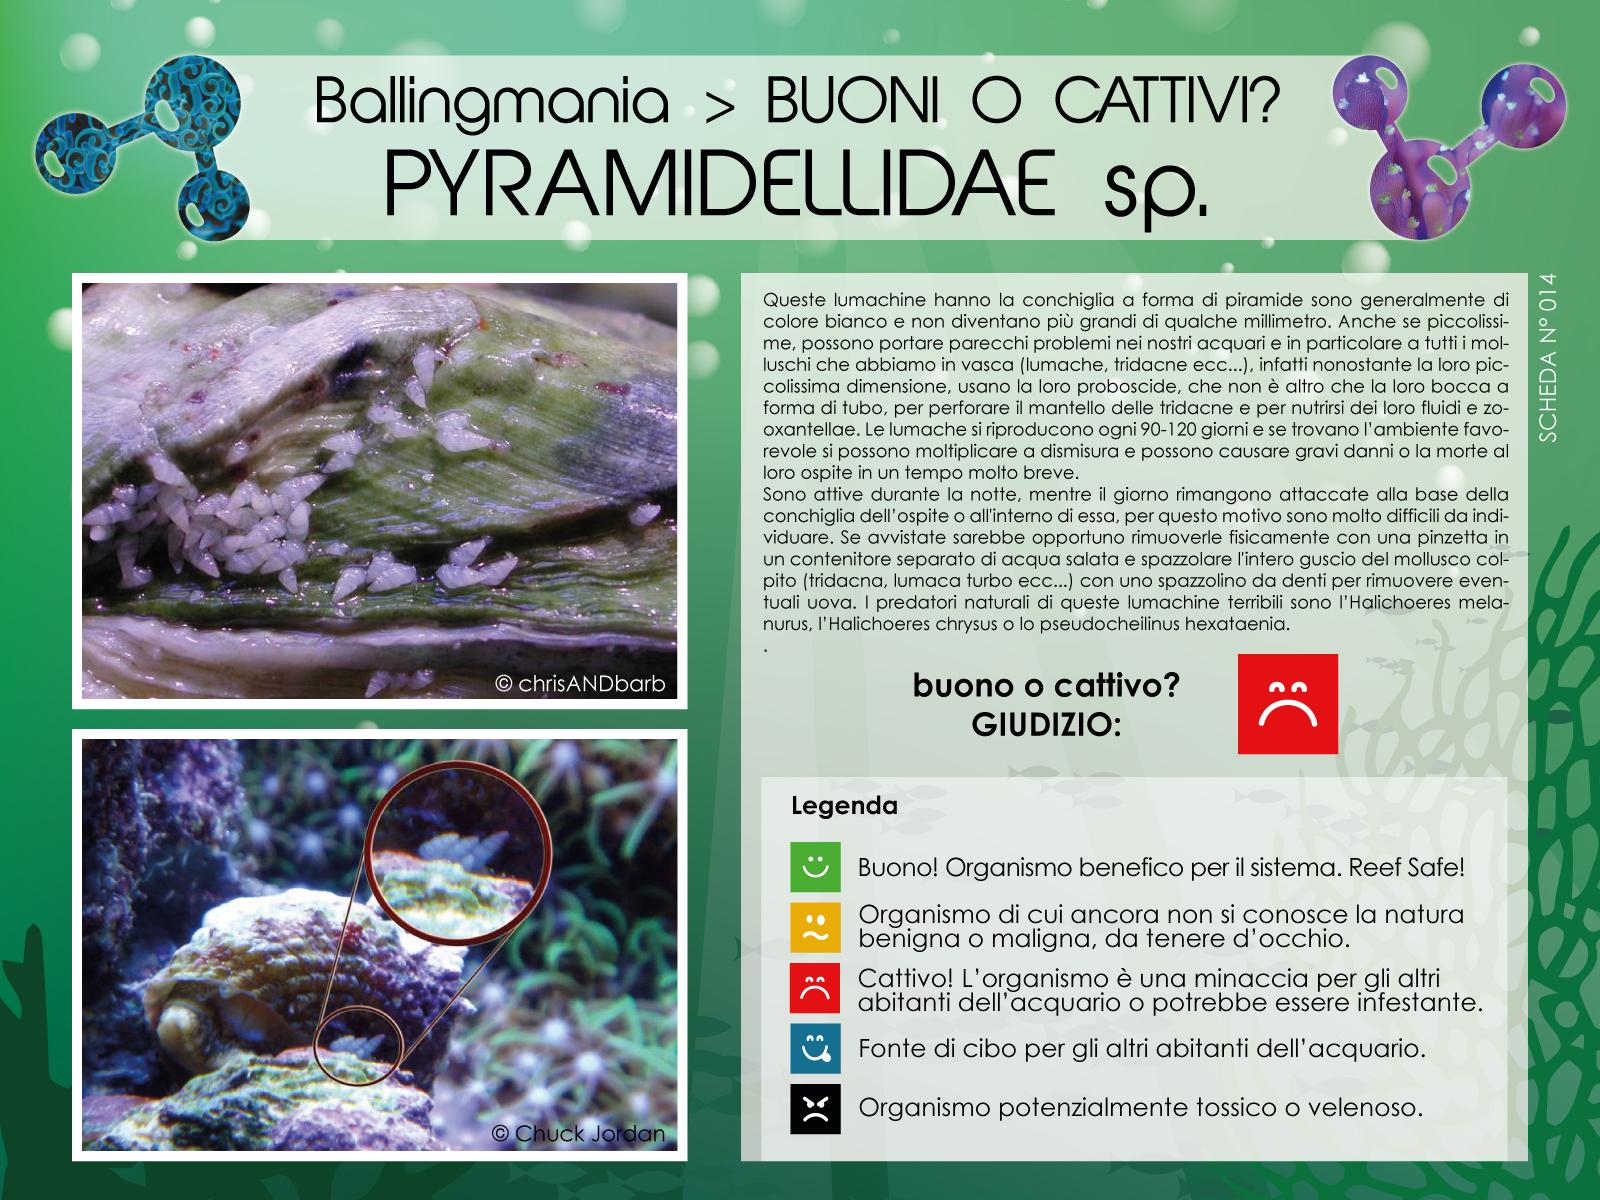 Pyramidellidae Sp.